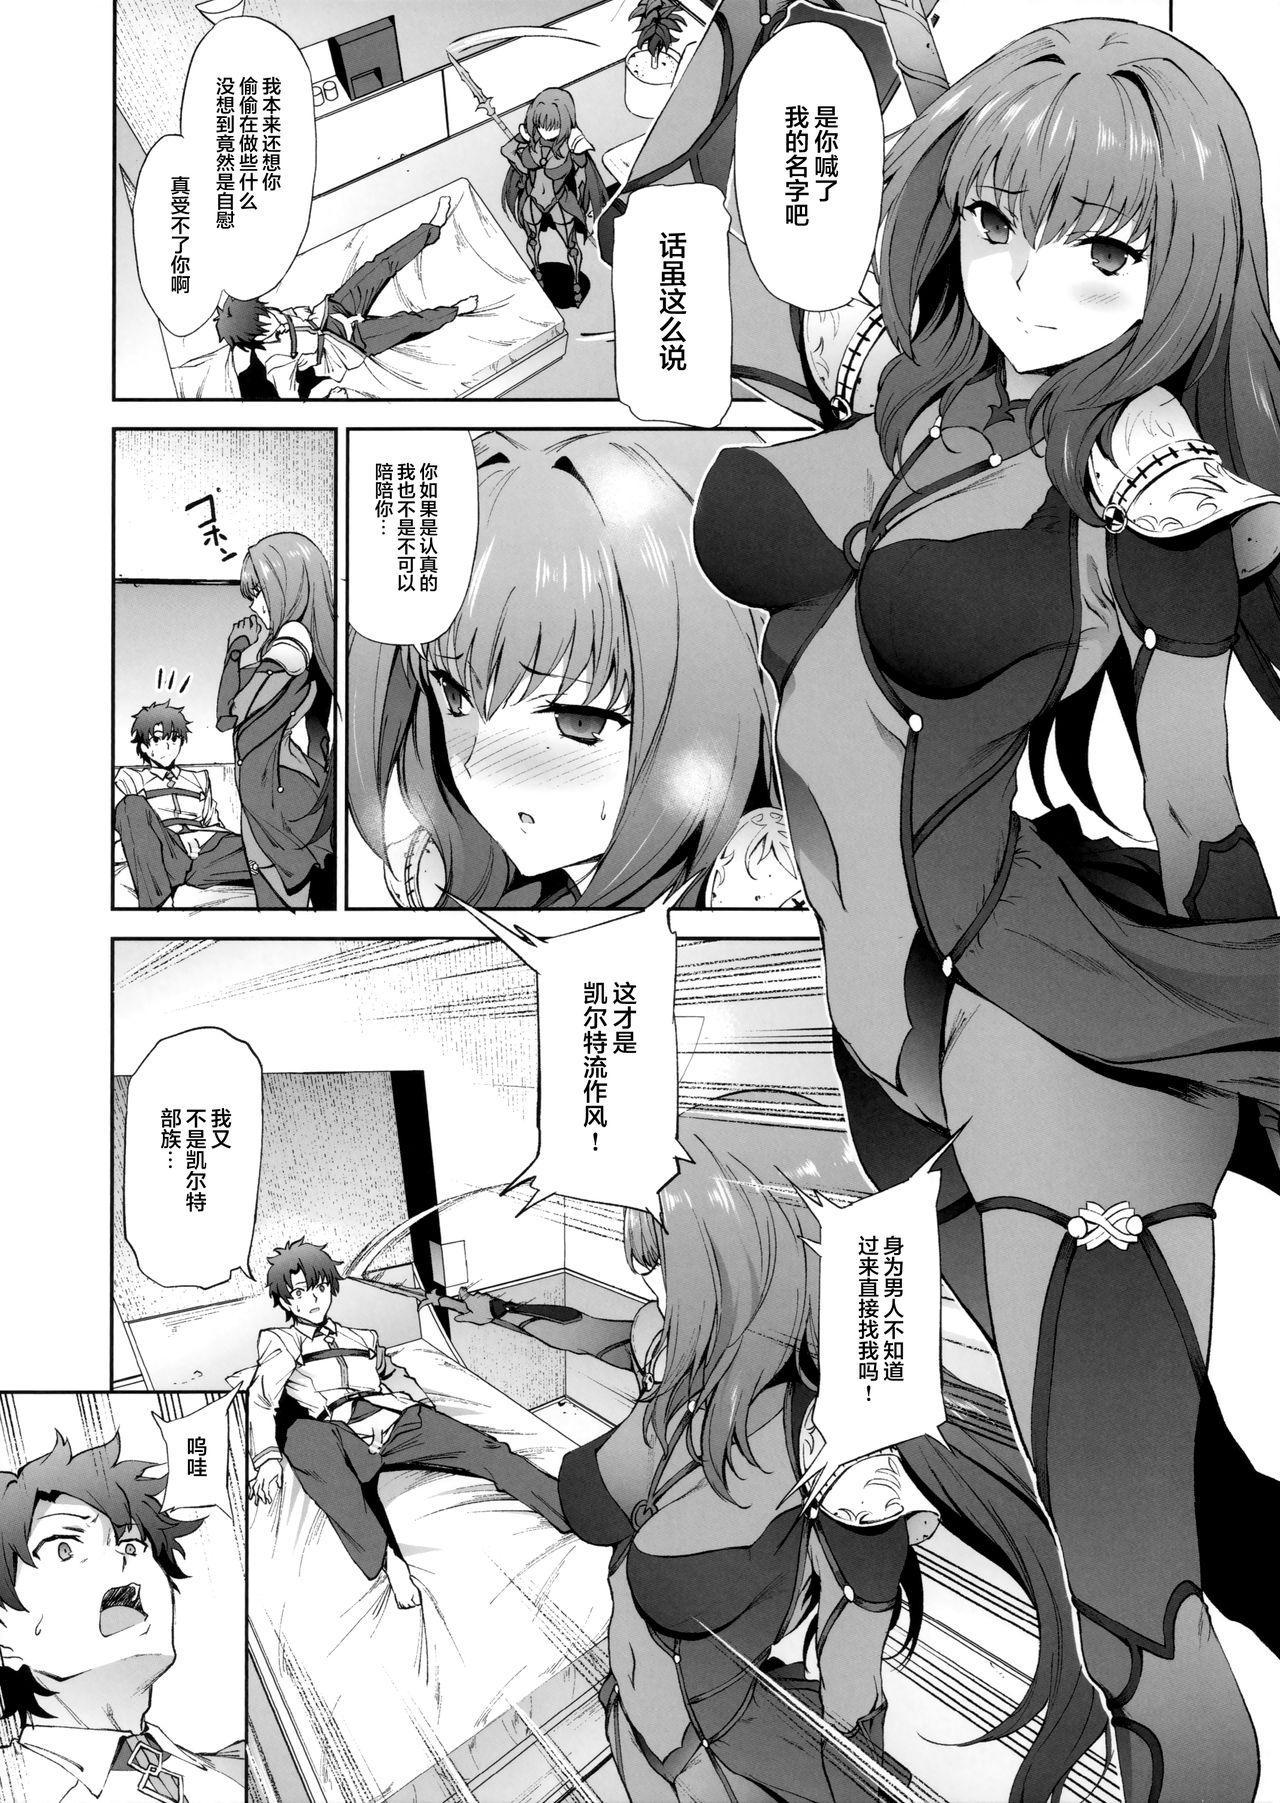 Scathach-shishou ni Okasareru Hon 3